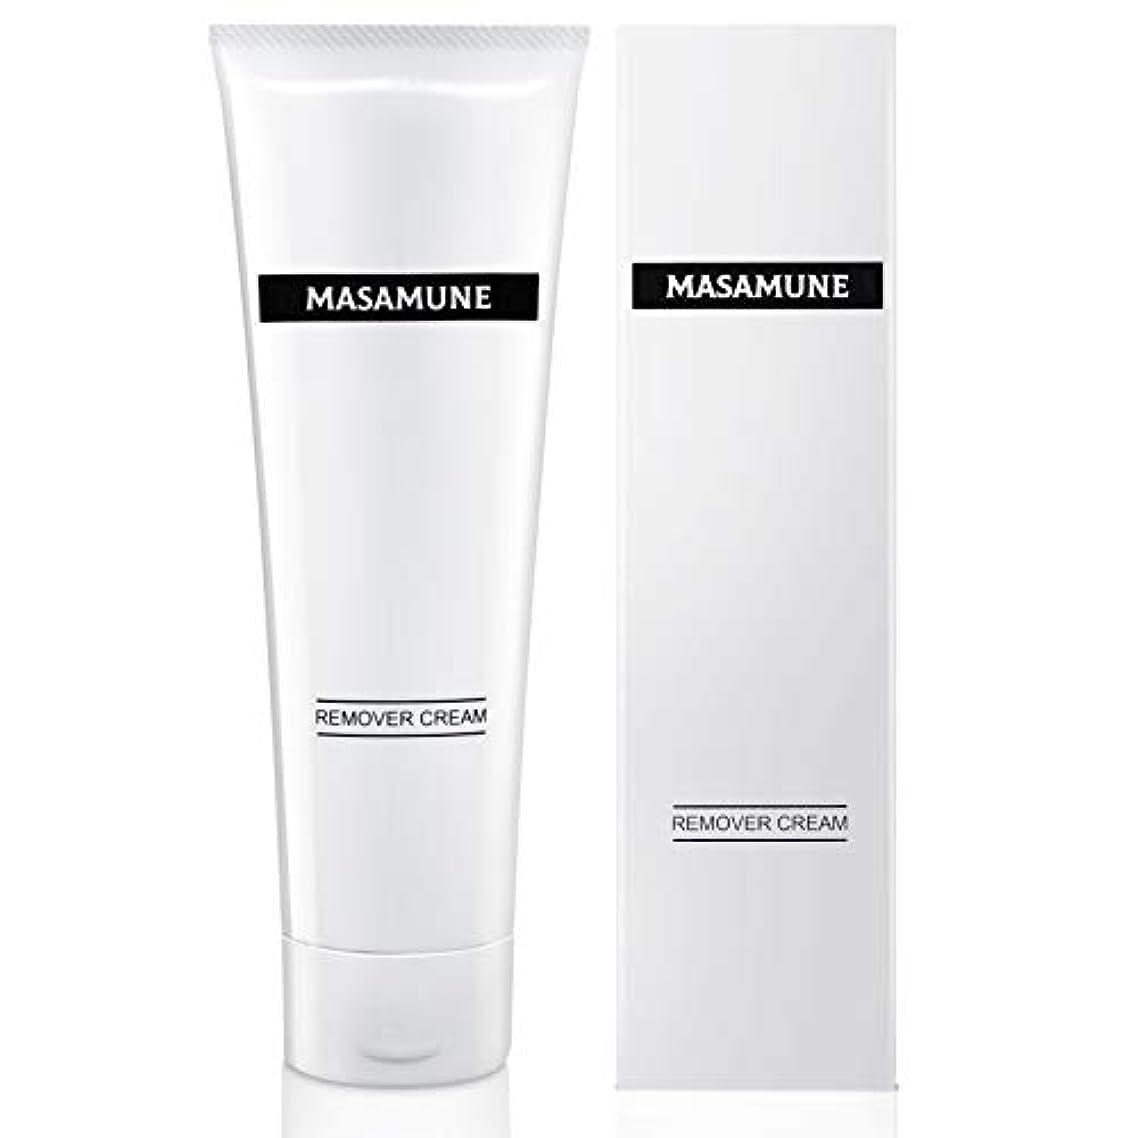 ピラミッド特定の協定メンズ 除毛クリーム 薬用 リムーバークリーム Vライン ボディ用 200g 医薬部外品 MASAMUNE